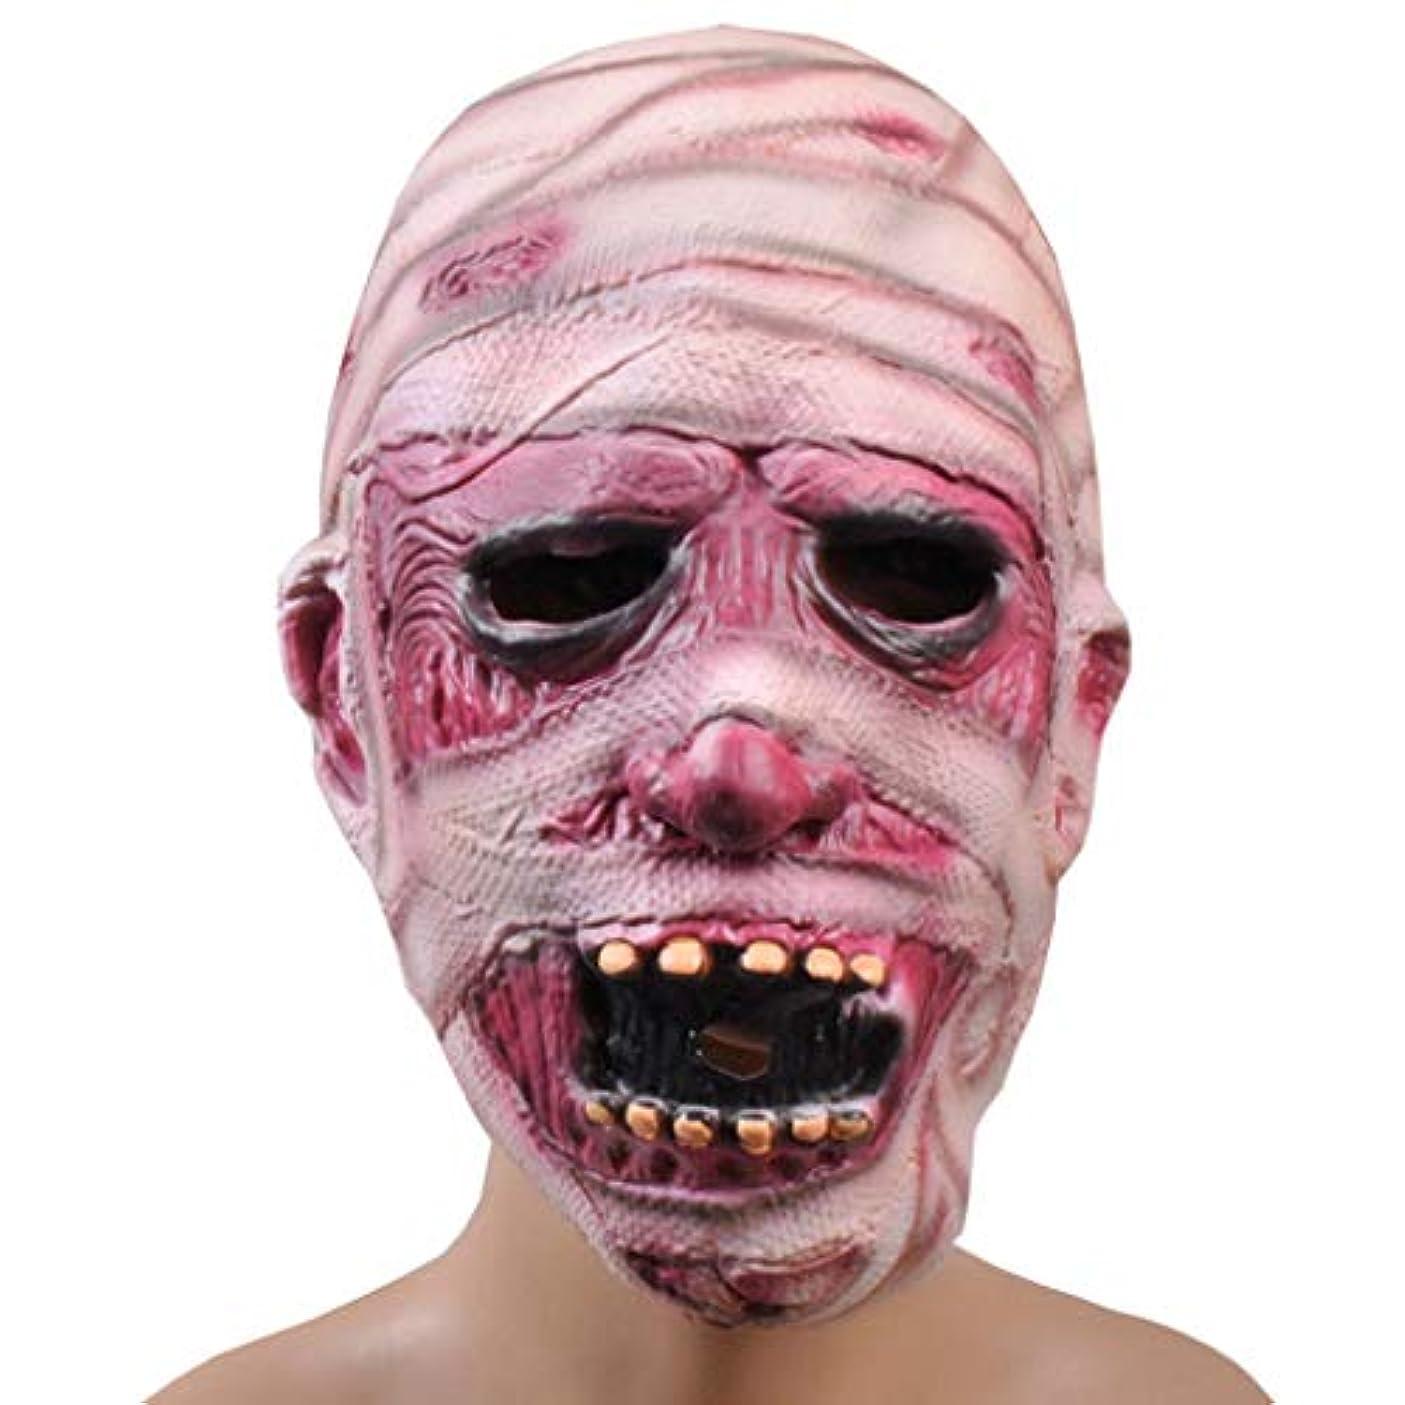 夕暮れメイン計算ハロウィンホラーしかめっ面マスクゴーストフェスティバルラテックスマスクホラー怖いマスクゴーストゾンビミイラマスク (Color : A)